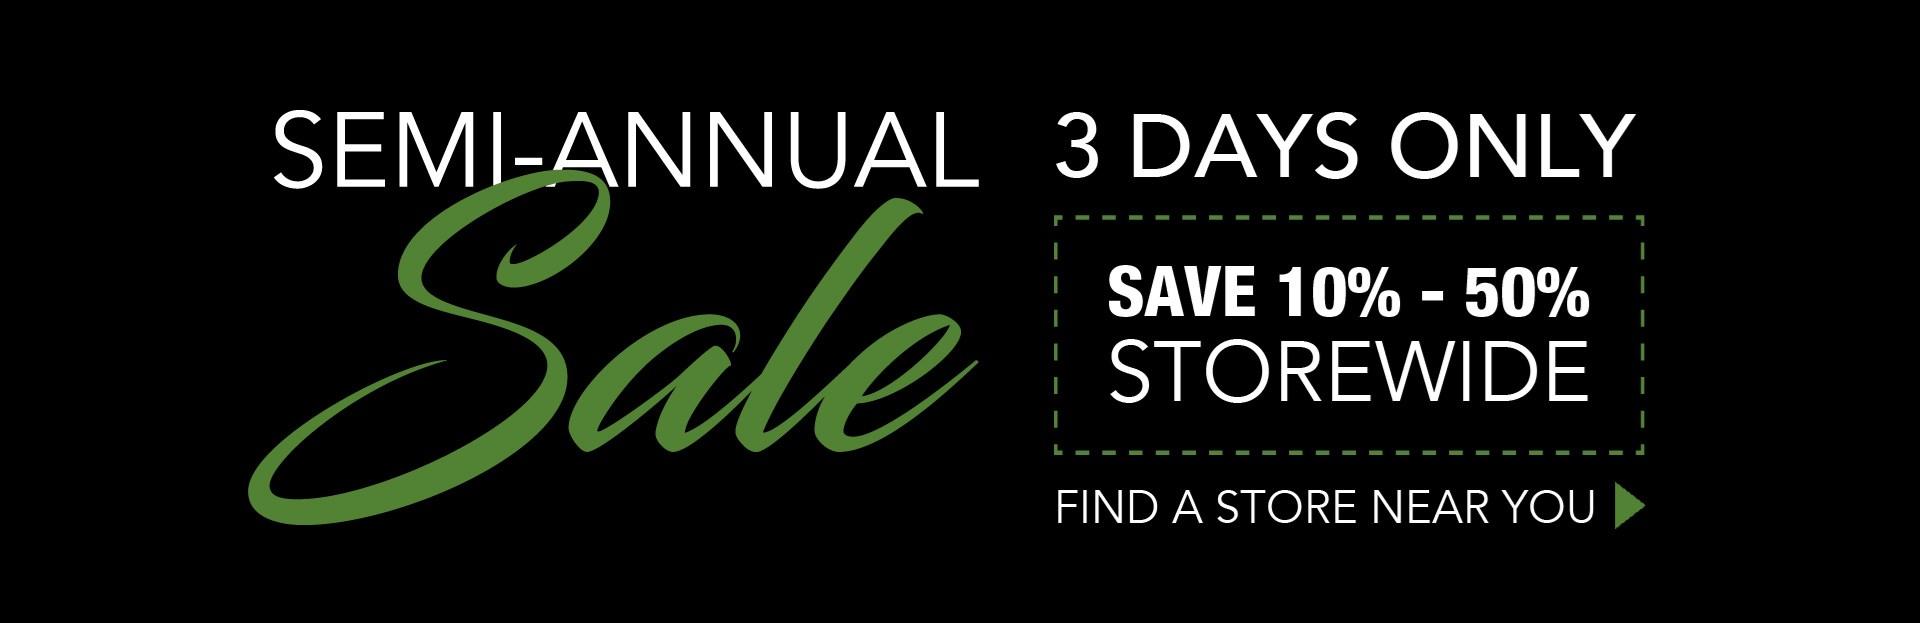 Semi-Annual 3 Day Sale